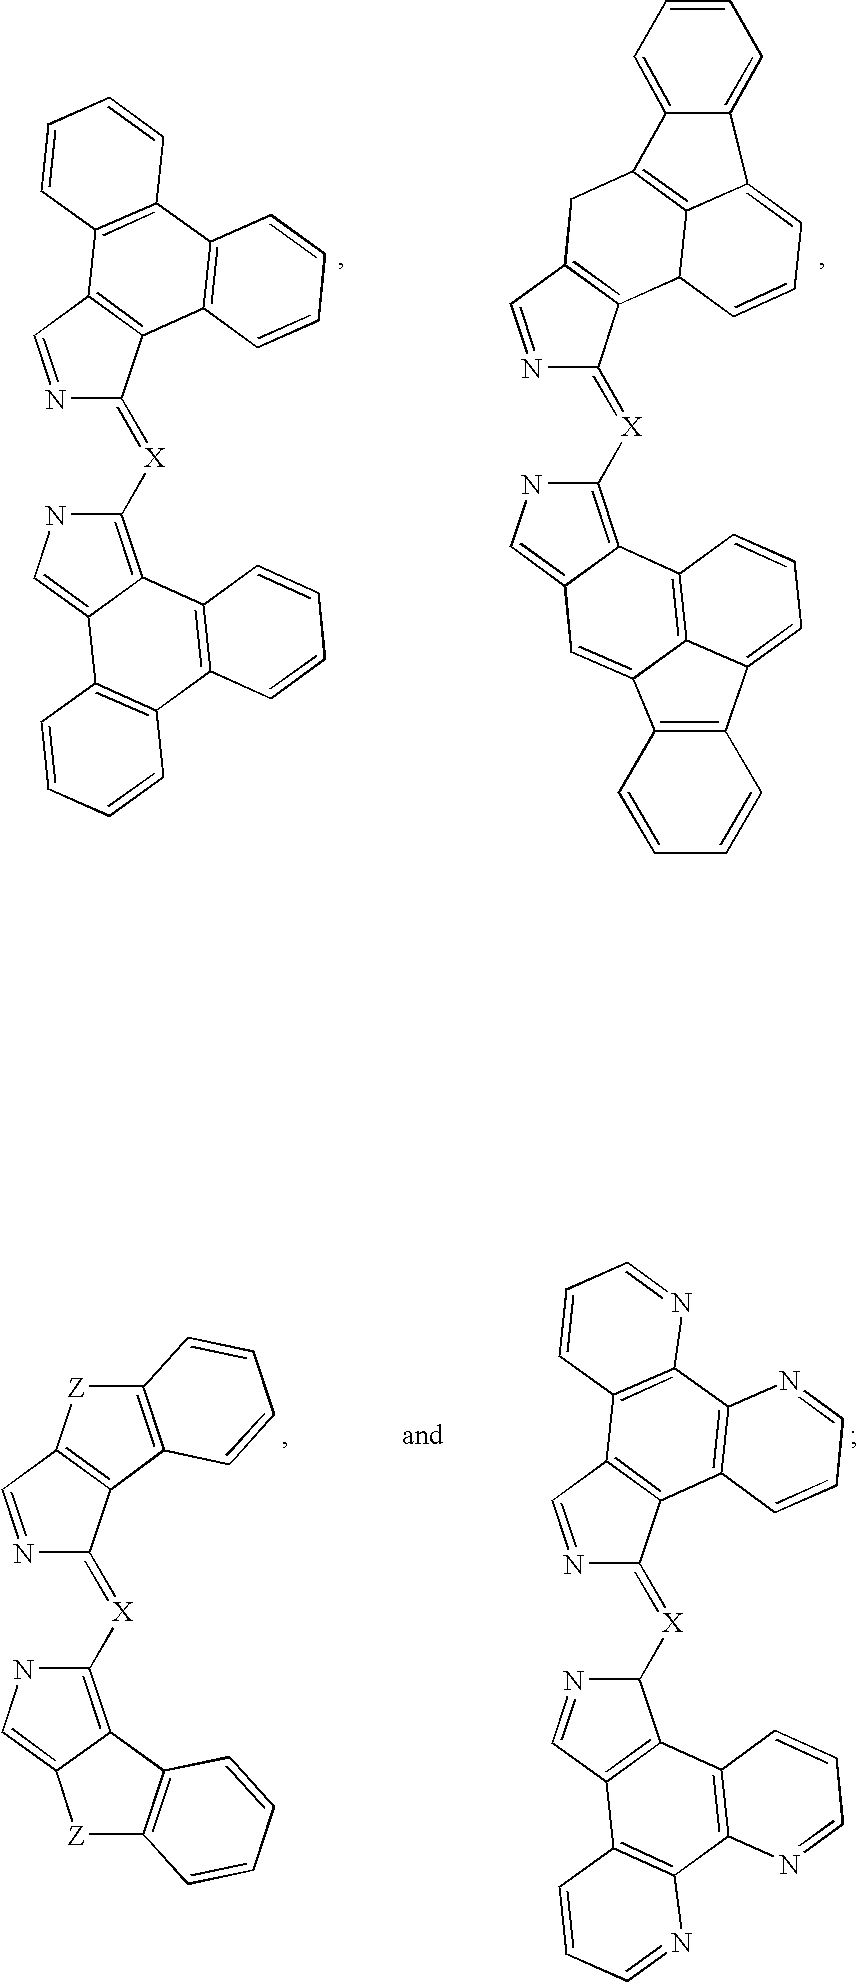 Figure US20100013386A1-20100121-C00009